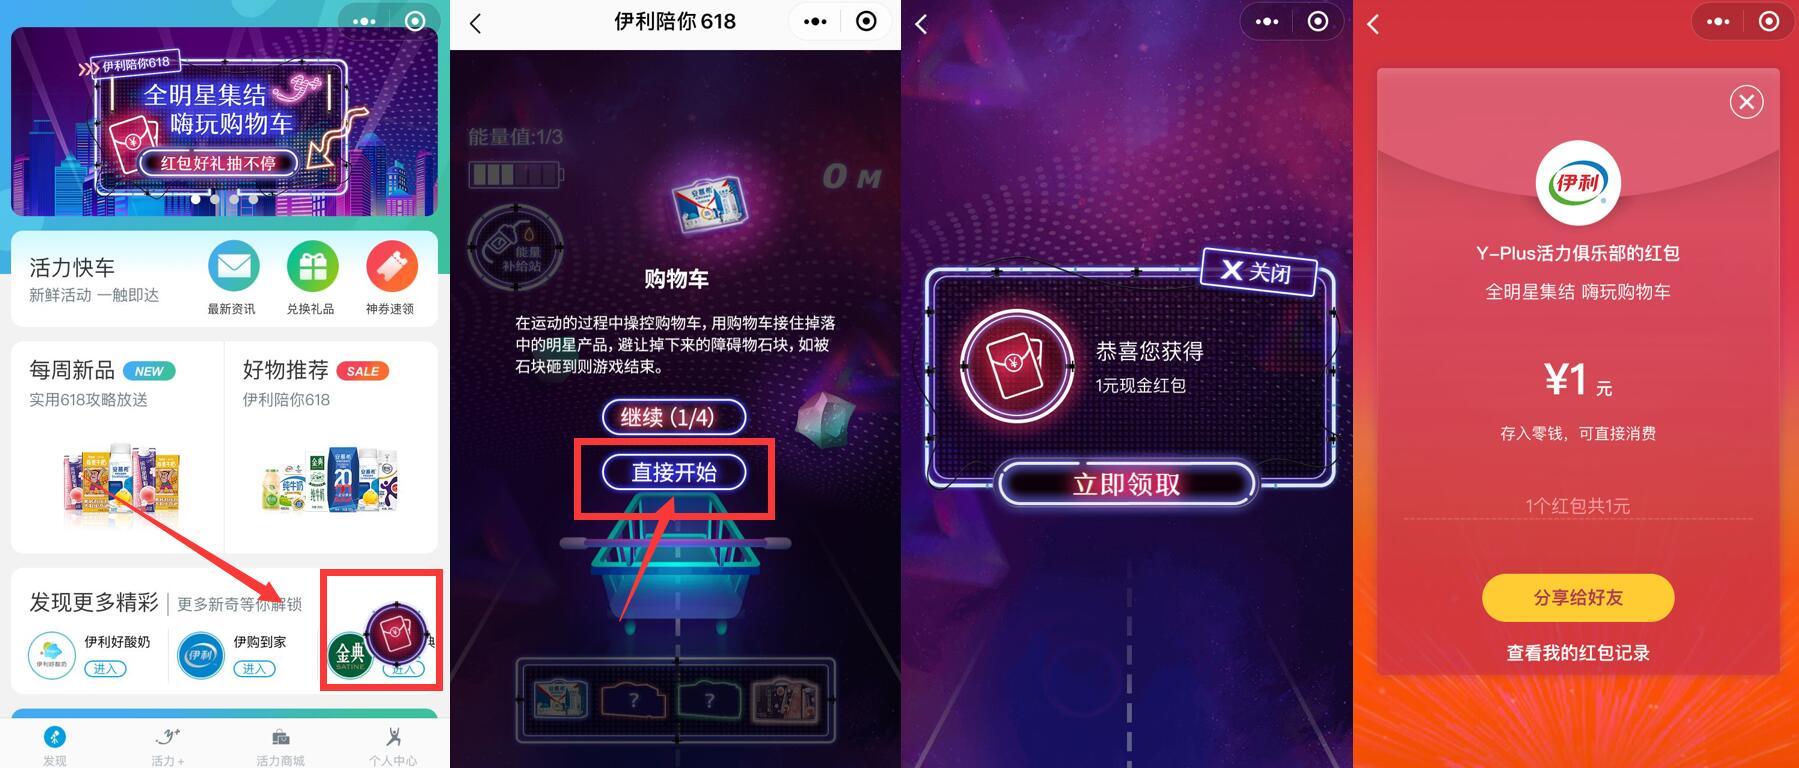 """微信小程序搜""""伊利Yplus活力俱乐部""""领红包"""